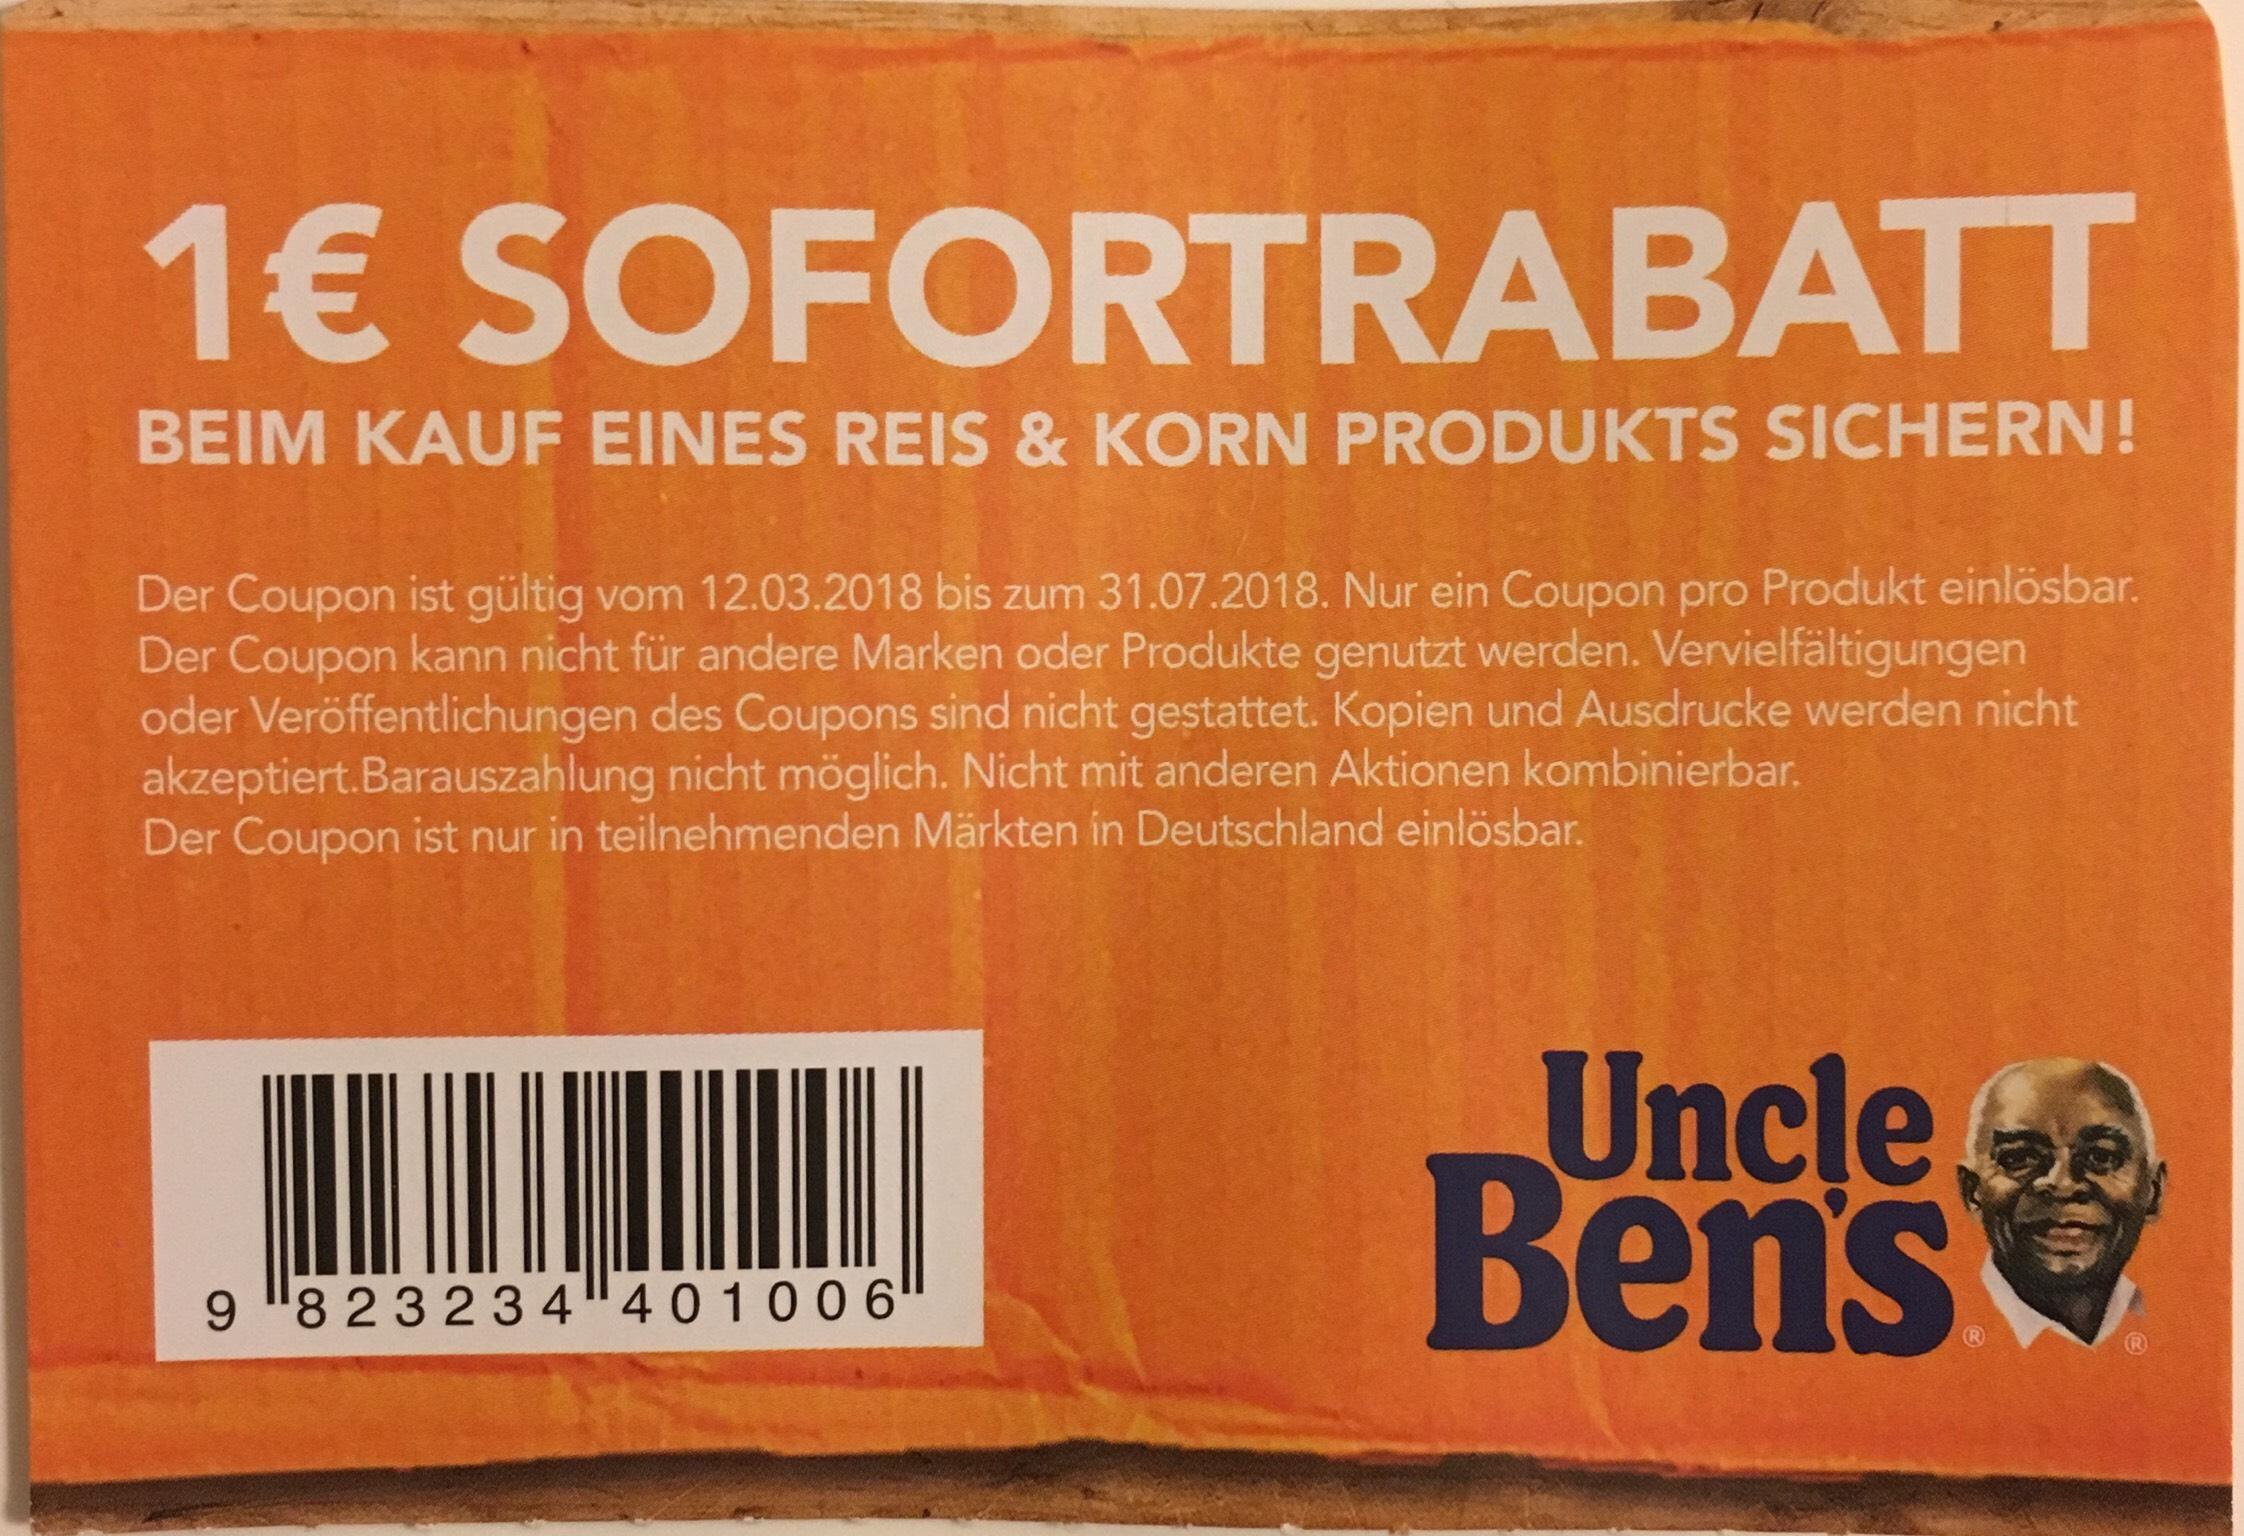 Uncle Benz 1€ Sofortrabatt auf Reis & Korn Produkte